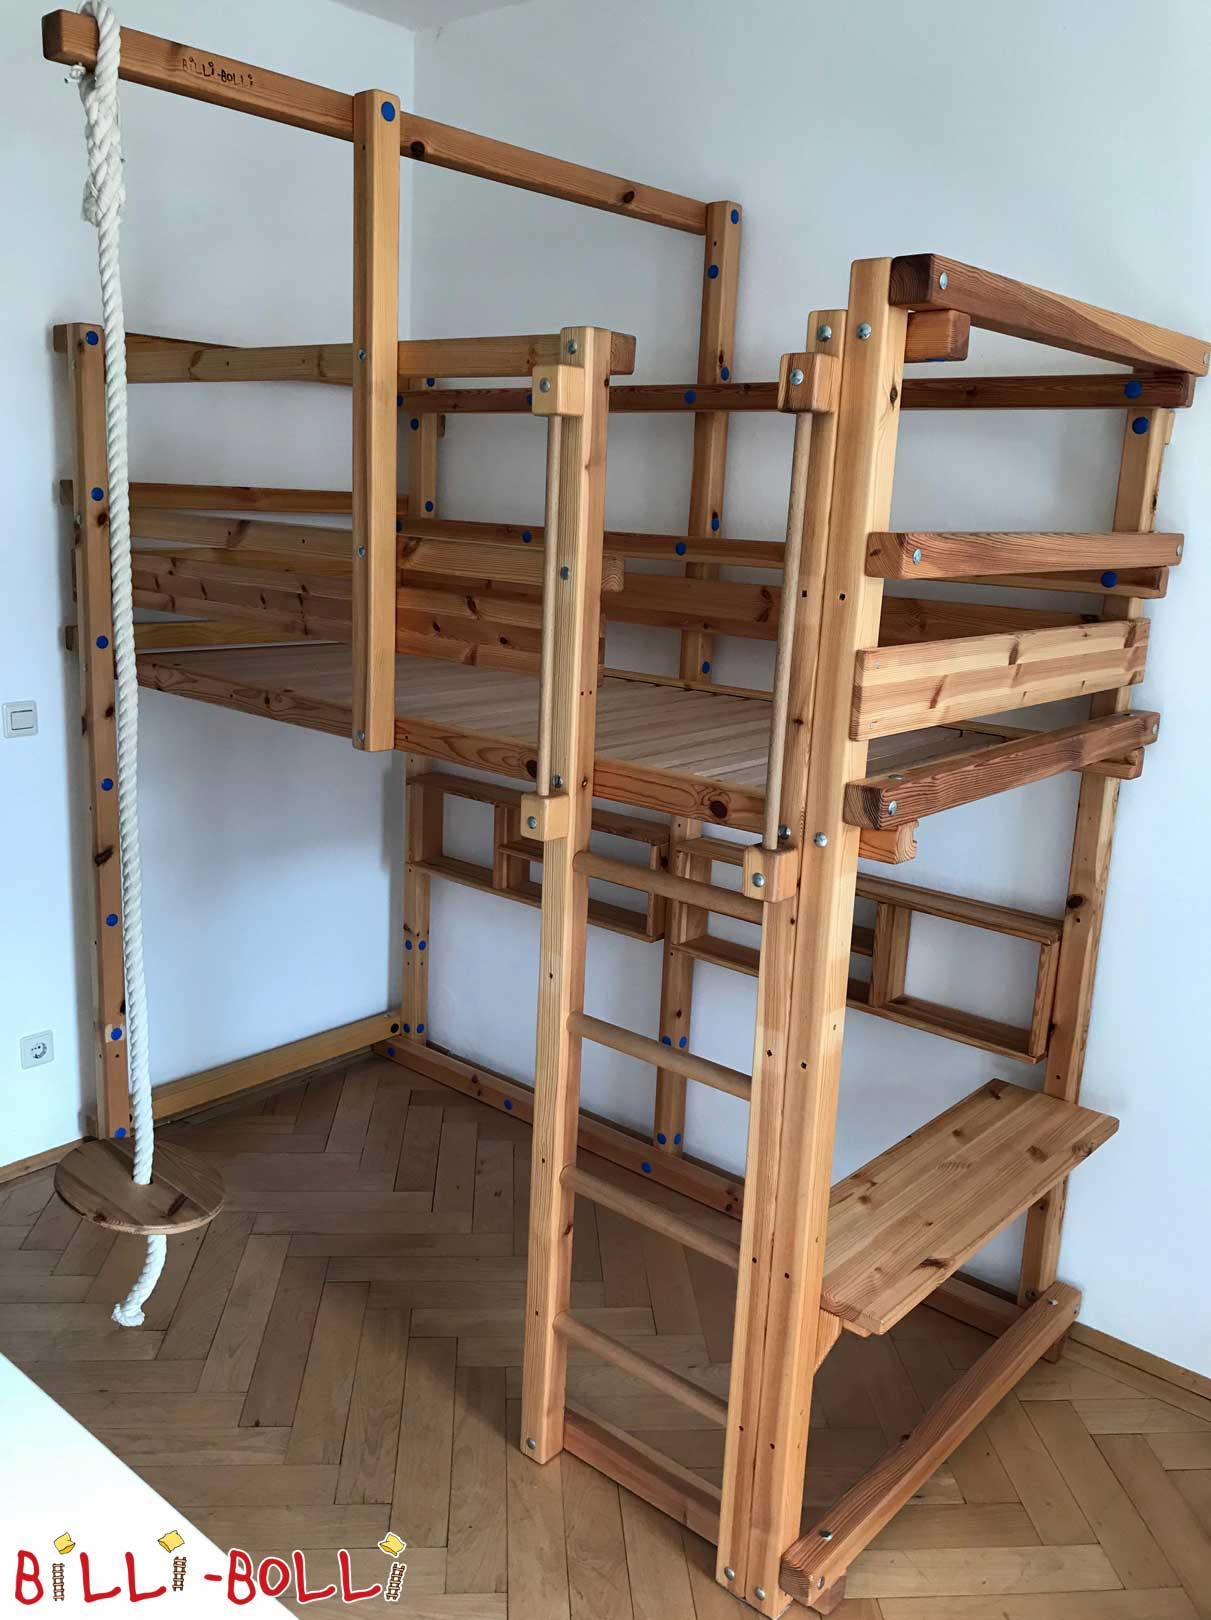 Second hand page 14 billi bolli kids furniture for Billi bolli hochbett